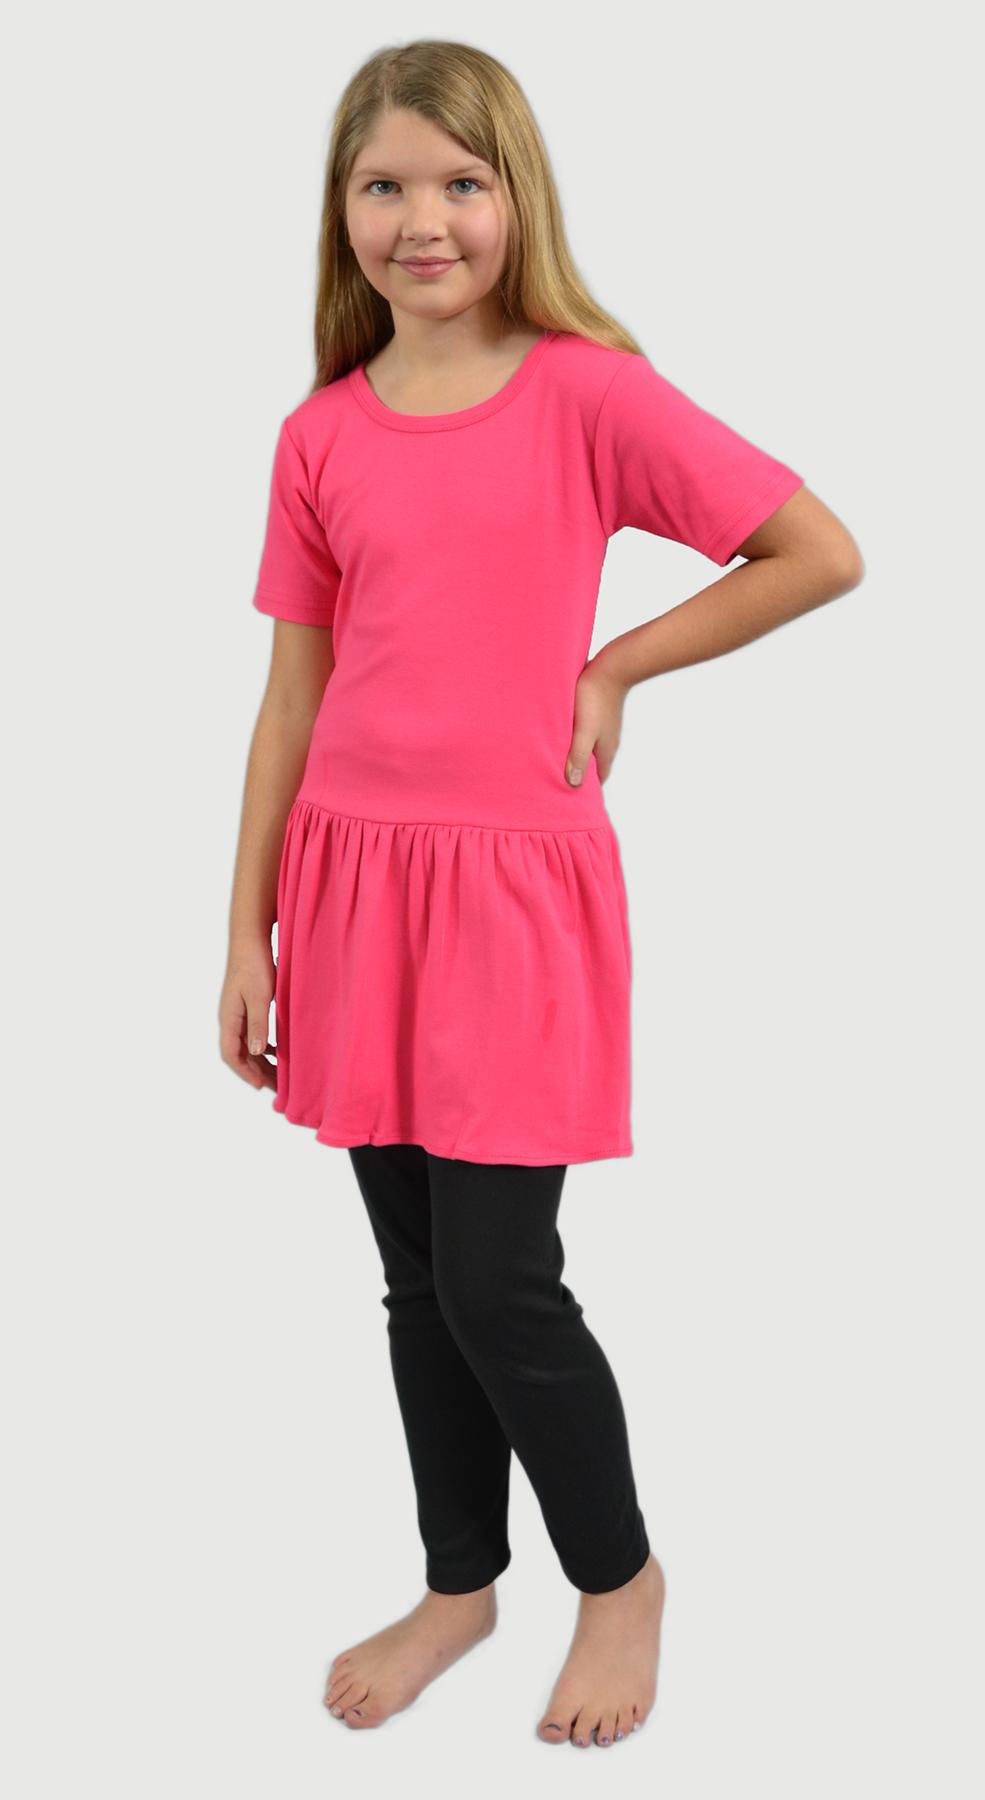 Monag 400100 - Interlock Short Sleeve Pleated Dress